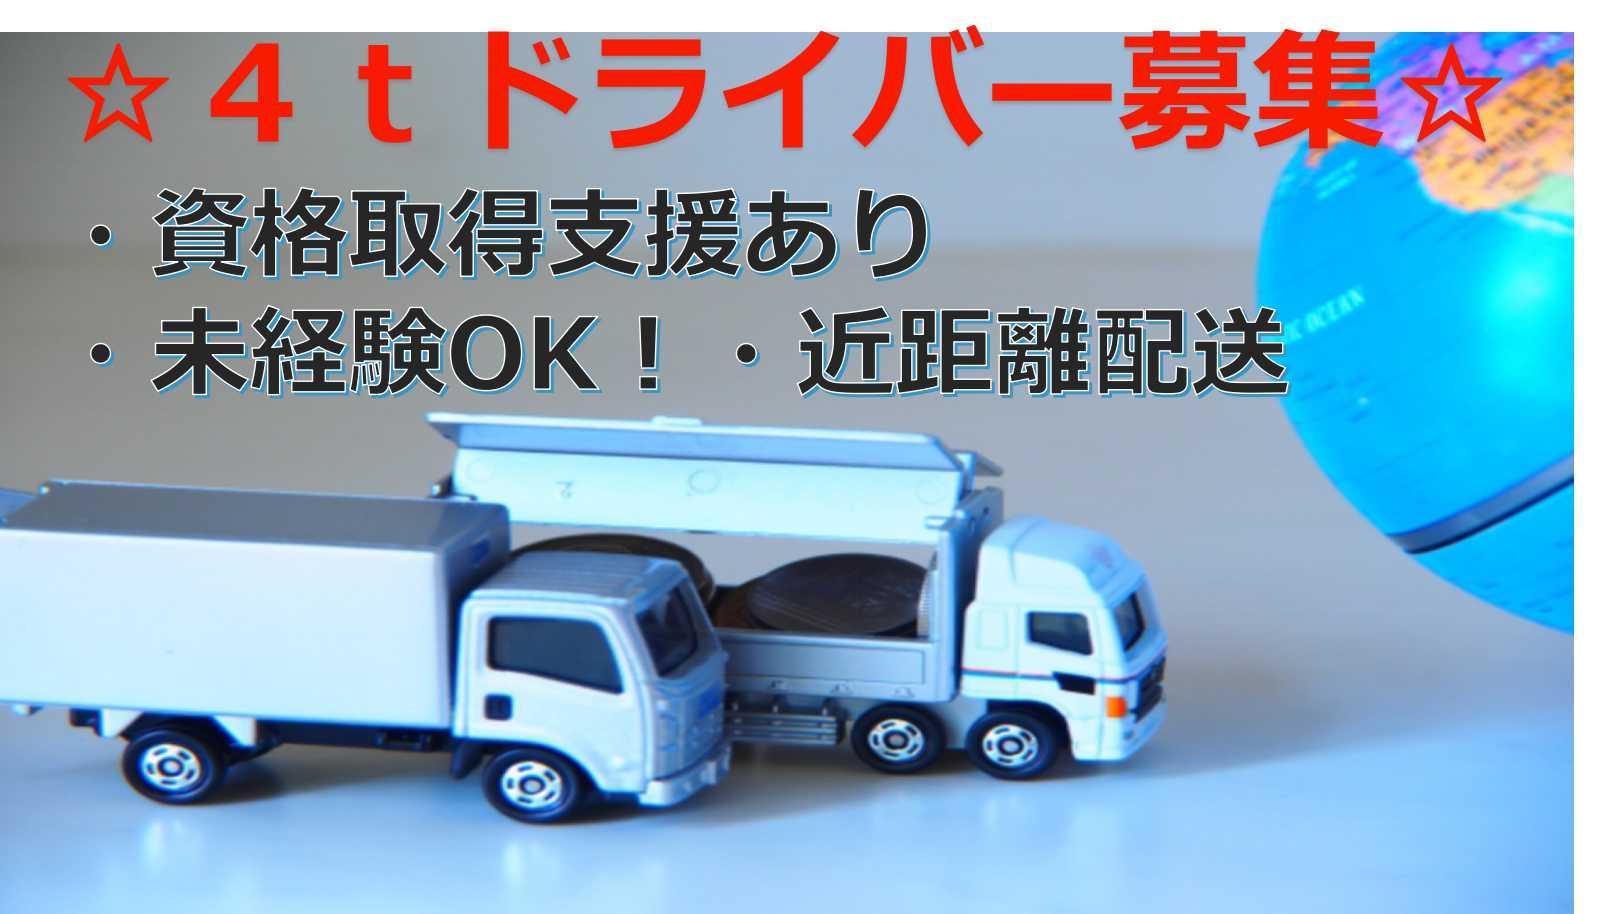 夜間の運転ありません!車通勤OK♪4tトラックドライバー【即面談可能】 イメージ